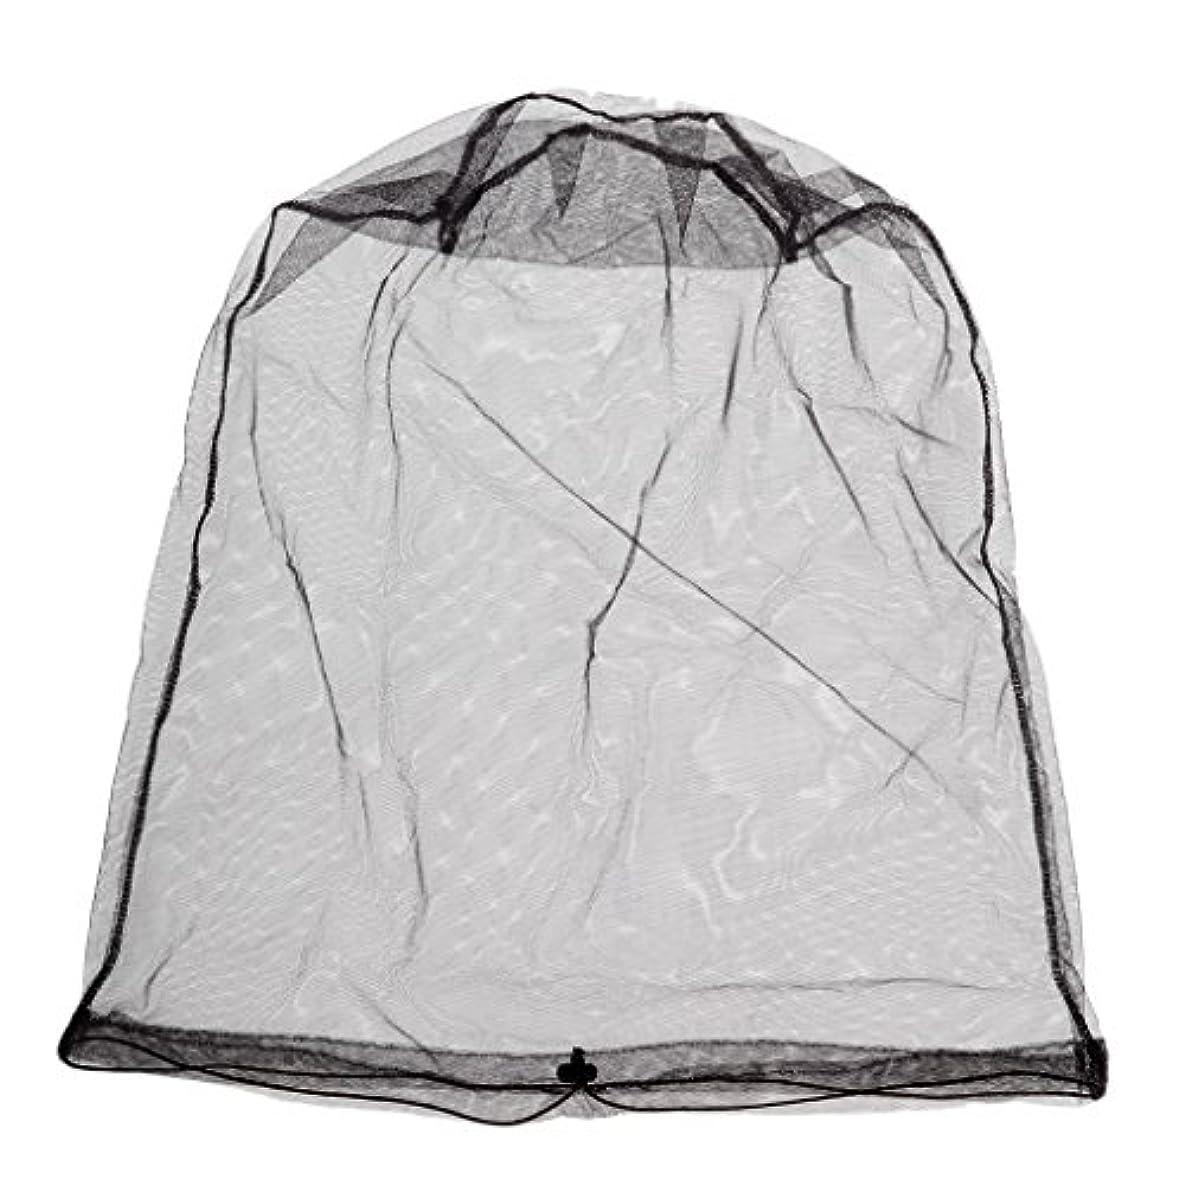 作り租界参照CUTICATE 全3色 ヘッドネット 蚊除け 虫よけ メッシュネット 防蚊フード 軽量 通気性 アウトドア 農作業